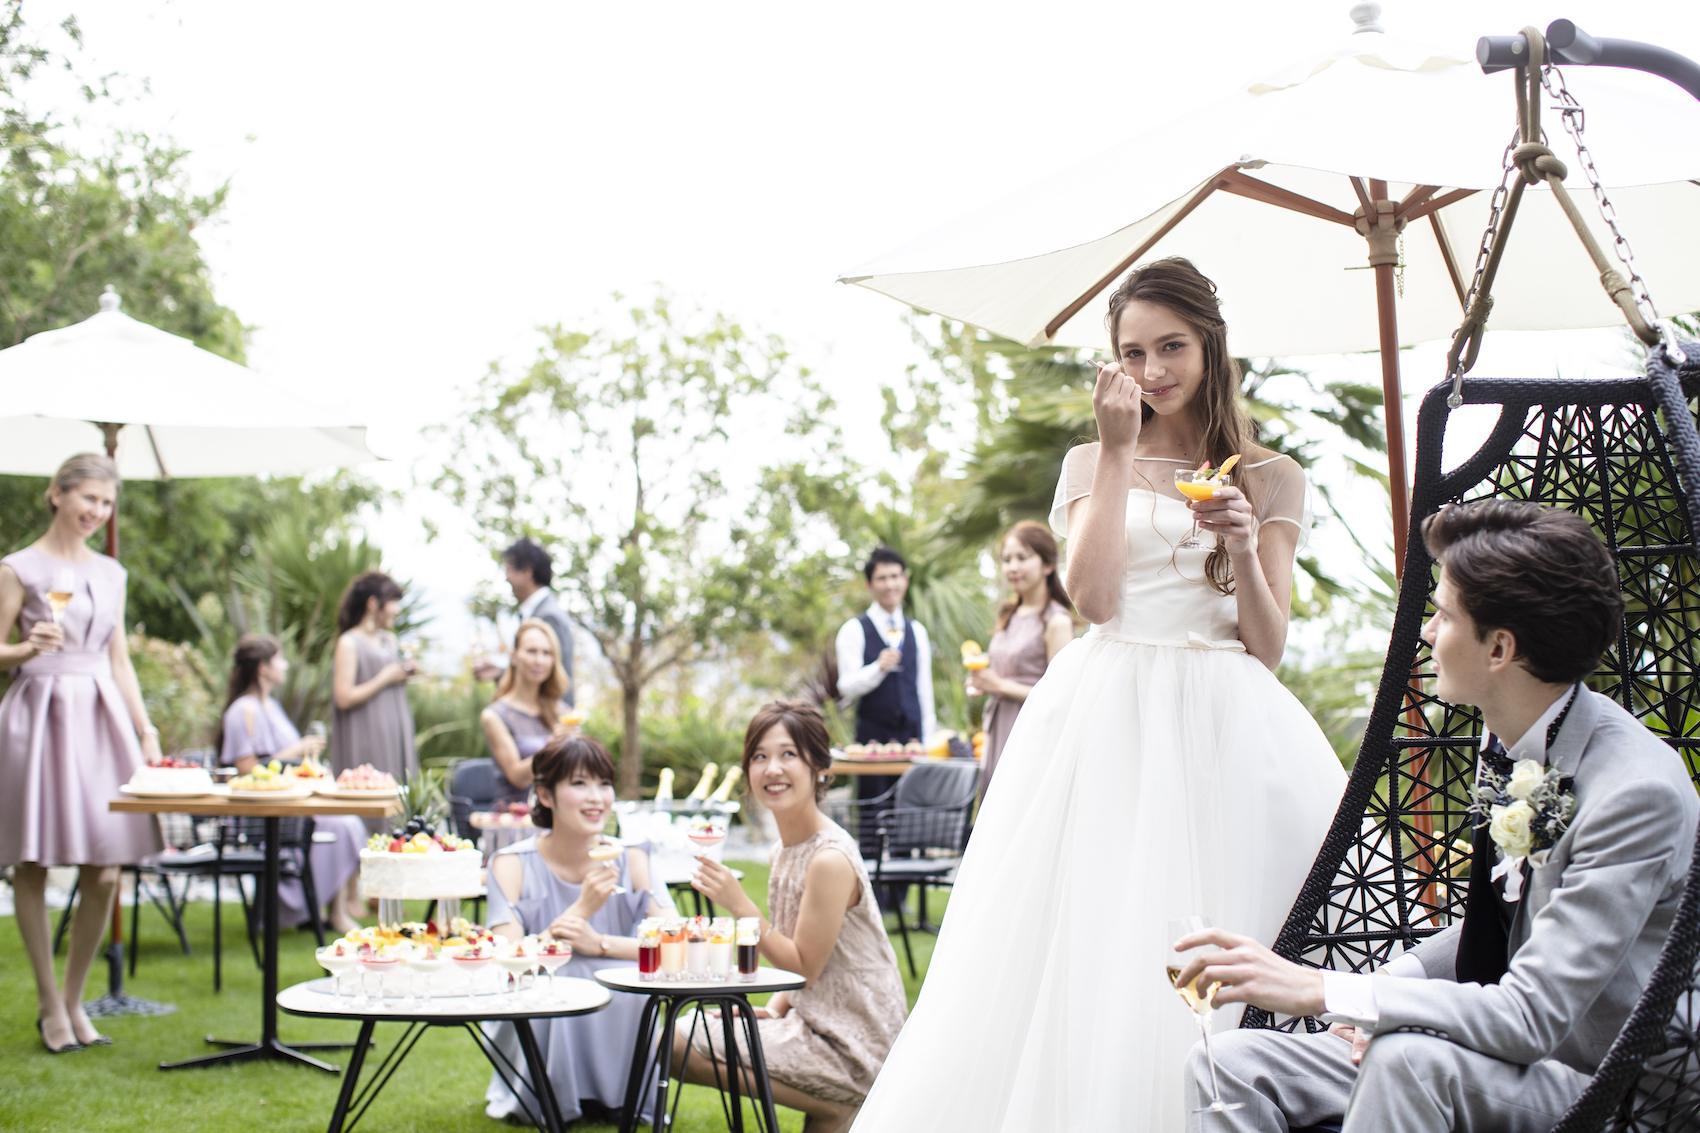 香川県高松市の結婚式場アナザースタイルでスイーツビュッフェ